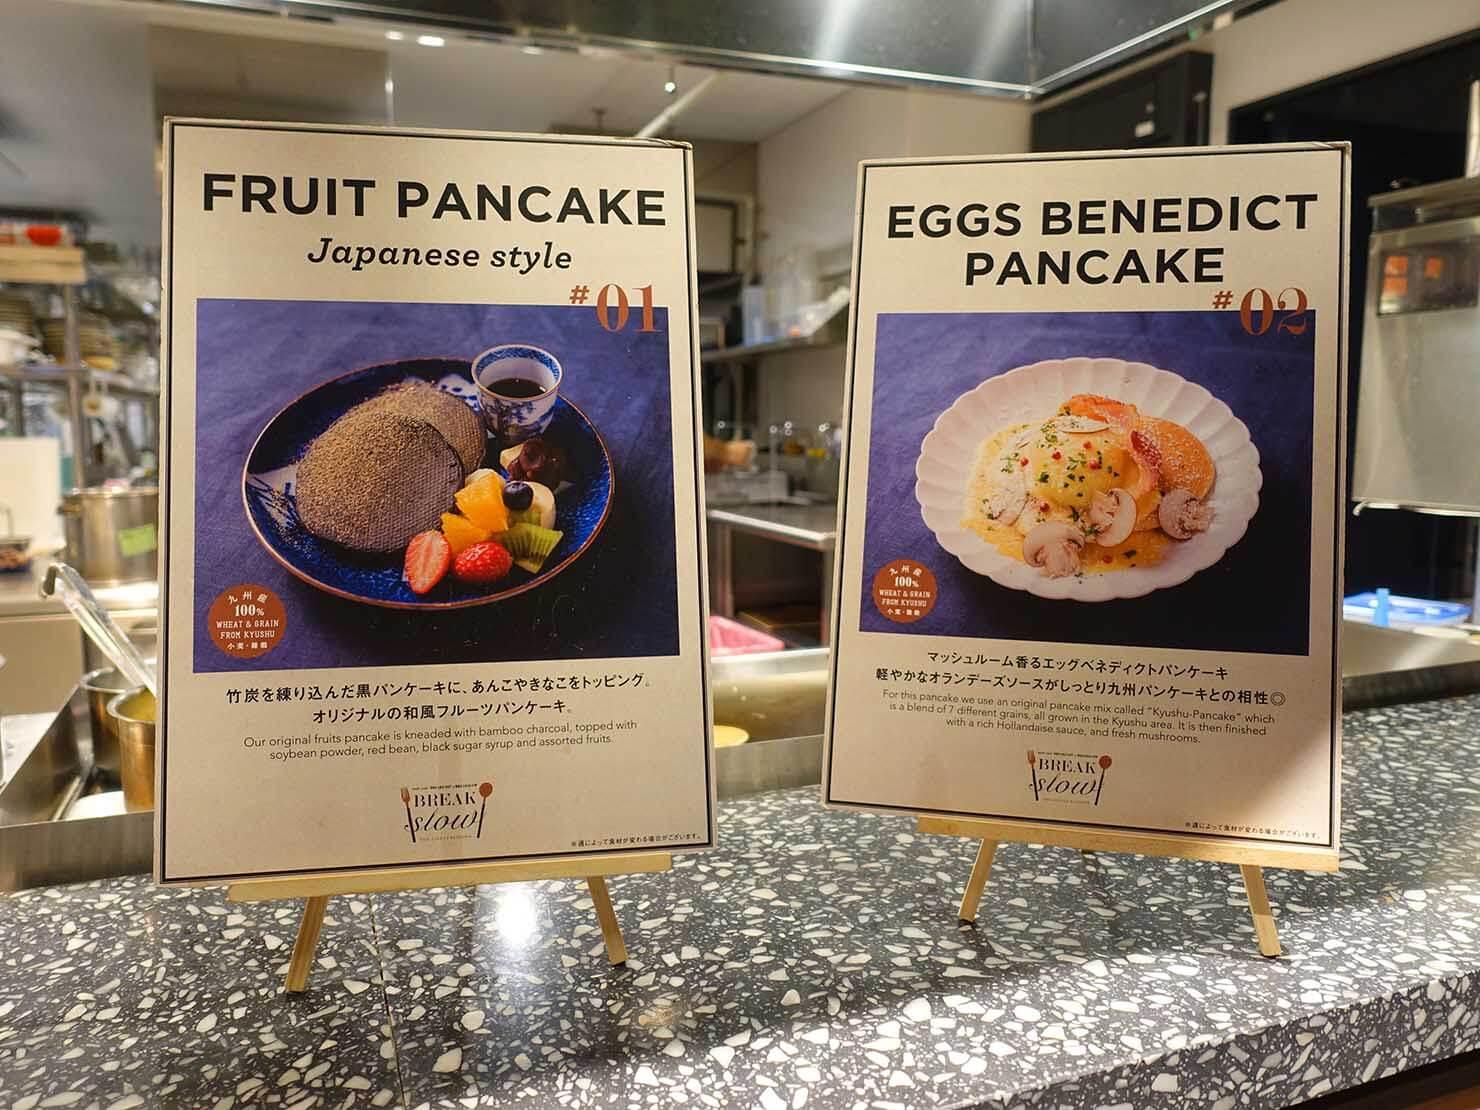 福岡・中洲川端にあるおしゃれなおすすめホテル「THE LIVELY」のレストラン・THE LIVELY KITCHENの朝ごはんで選べるパンケーキ